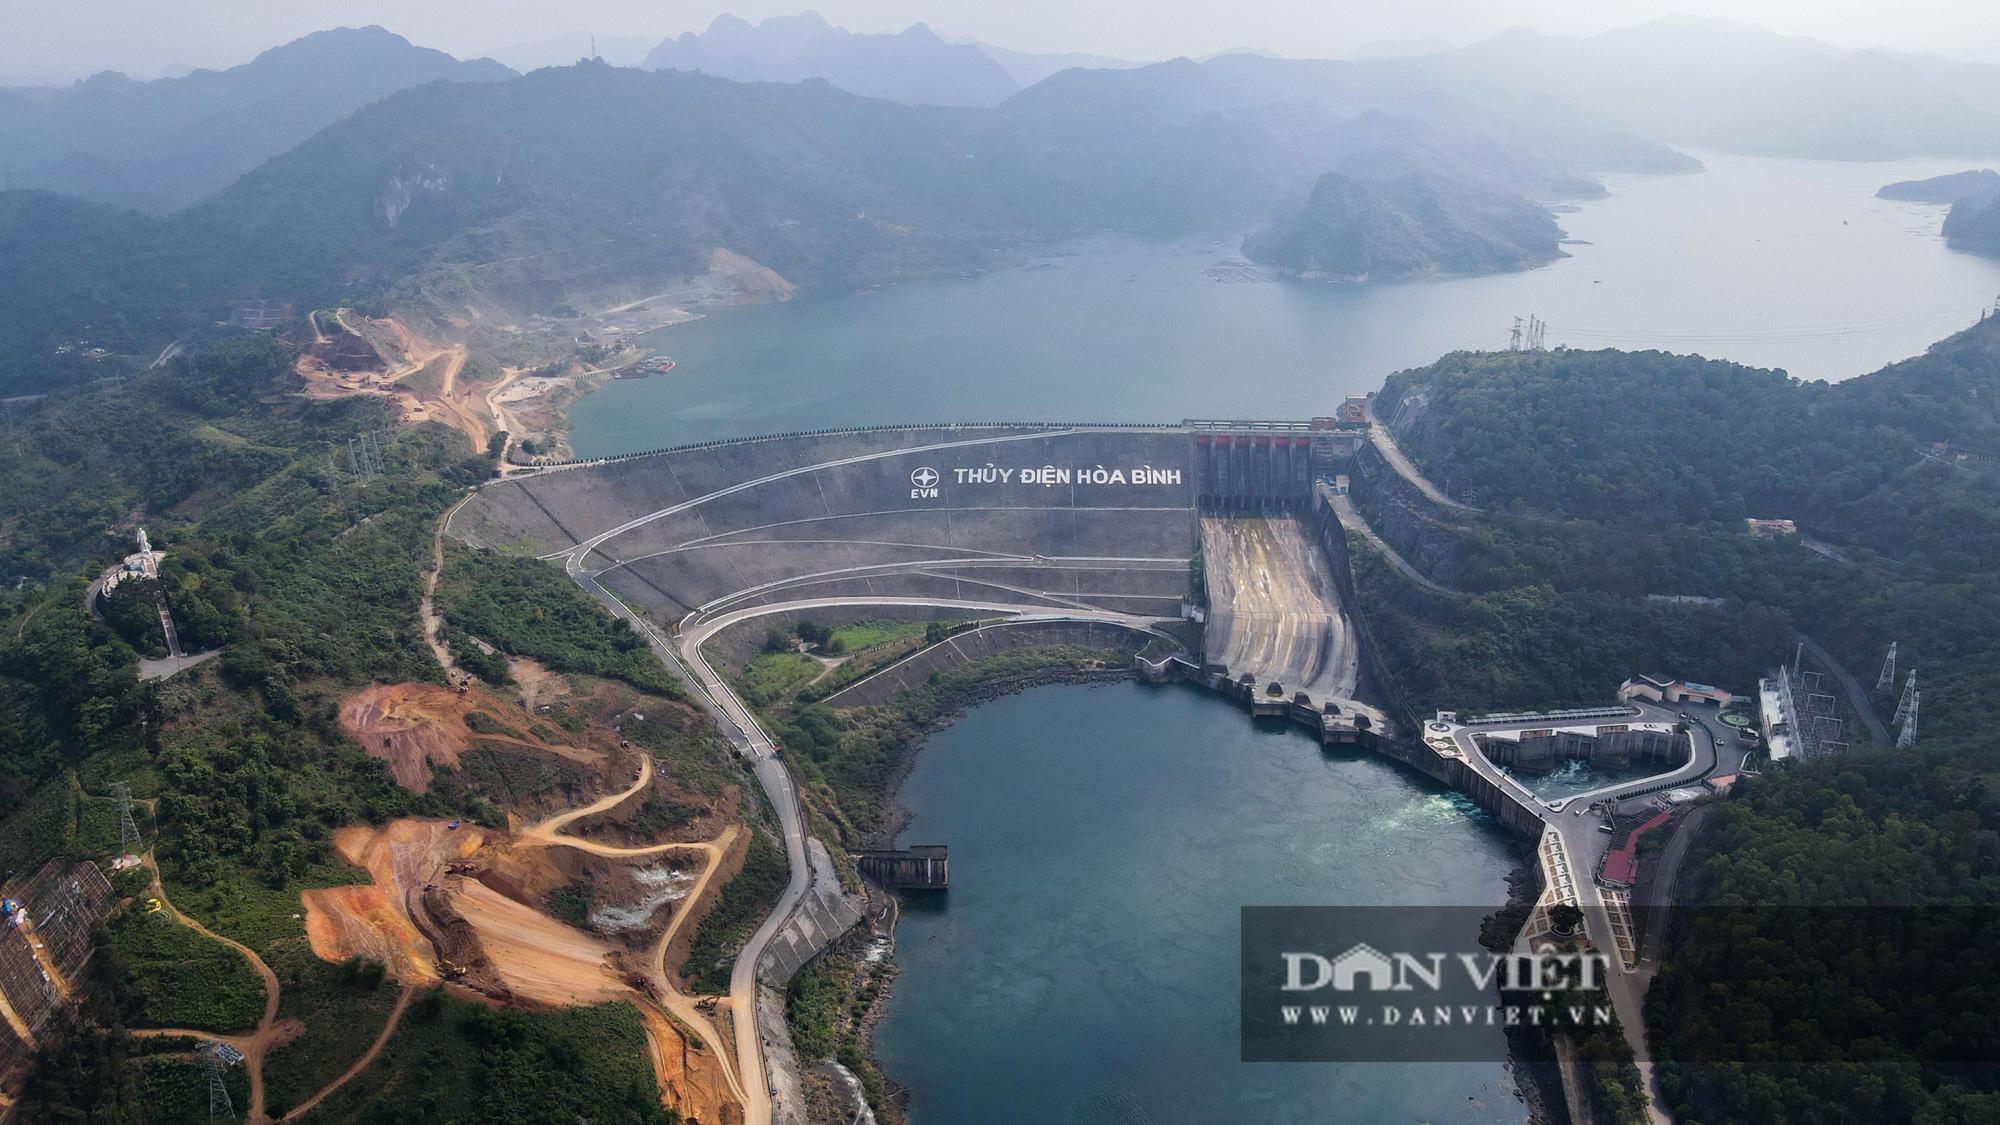 Công trình mở rộng nhà máy thuỷ điện Hoà Bình hơn 9000 tỷ nhìn từ trên cao  - Ảnh 12.